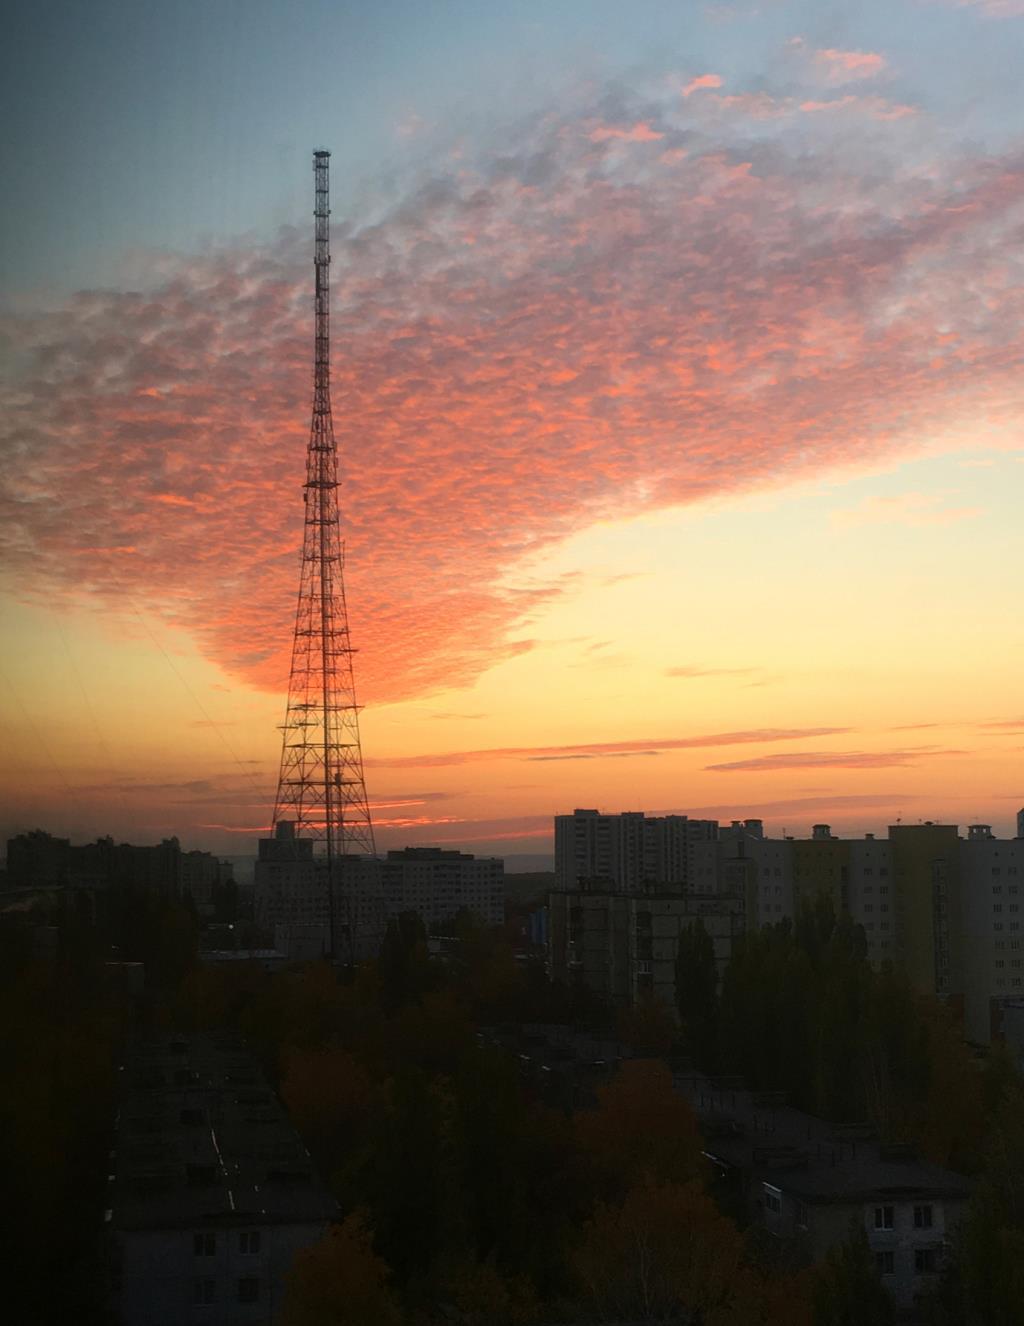 Вечерний небосвод. Блиц: небо в облаках